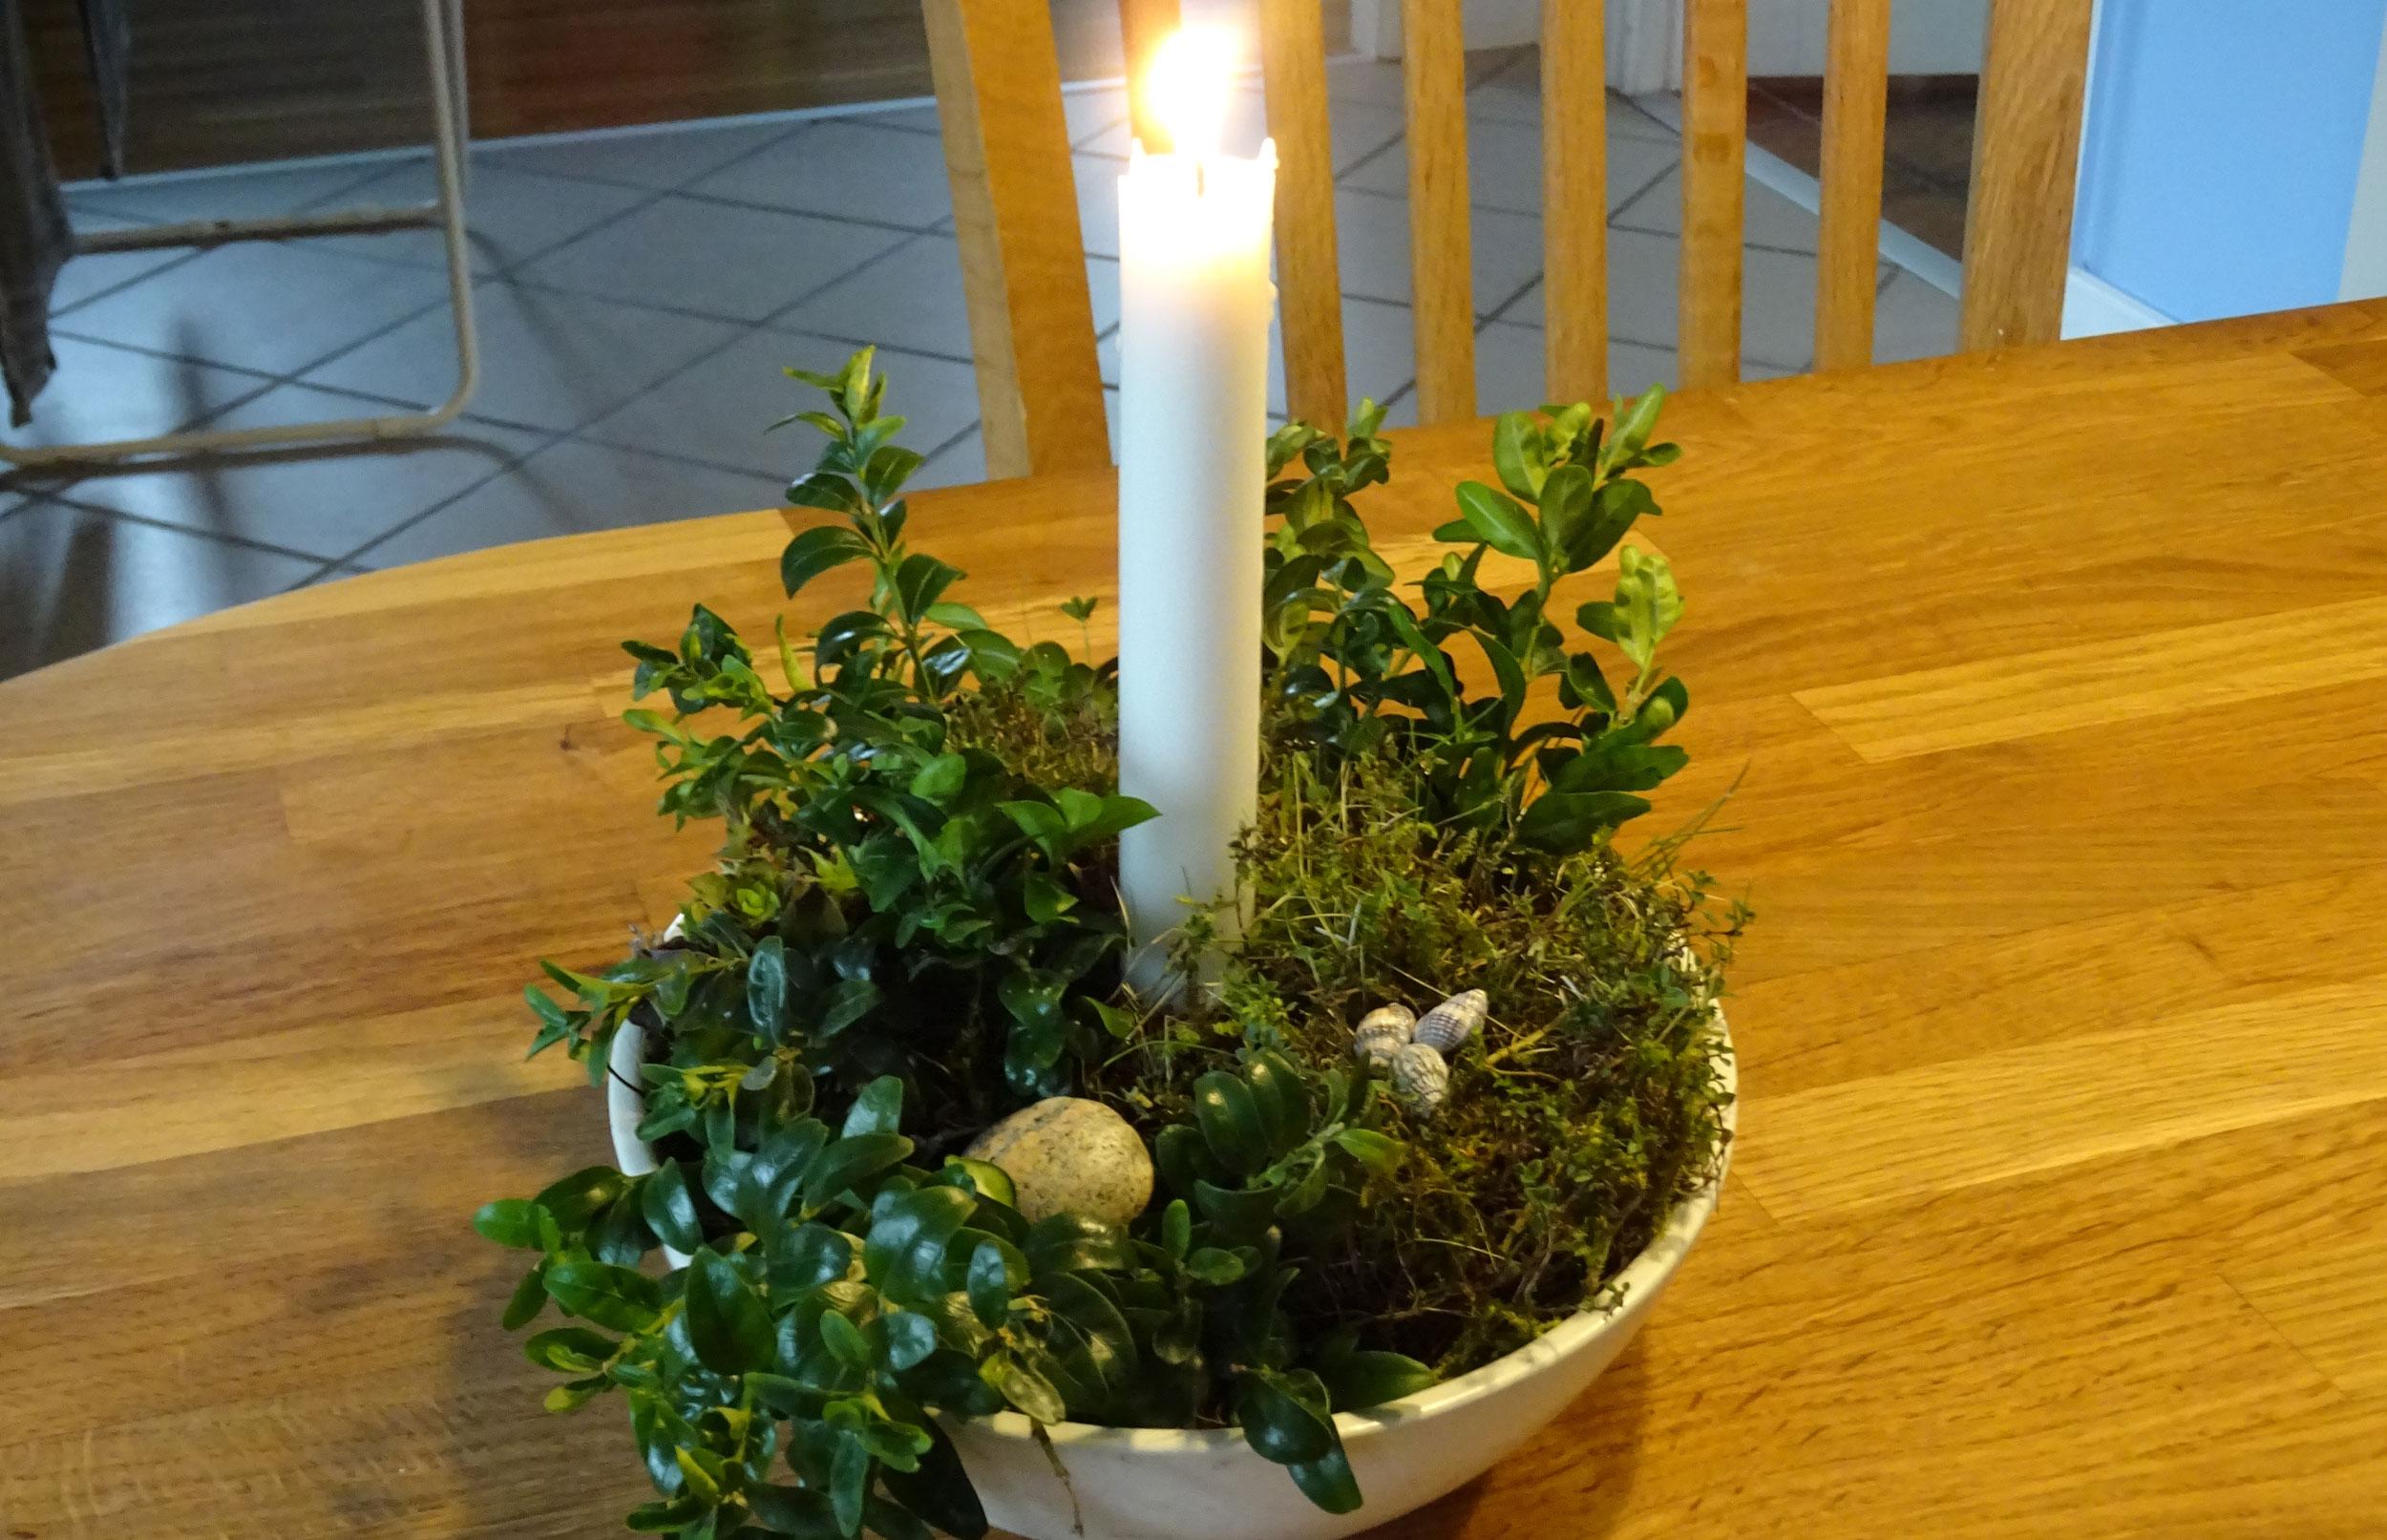 juledekorationer med mos